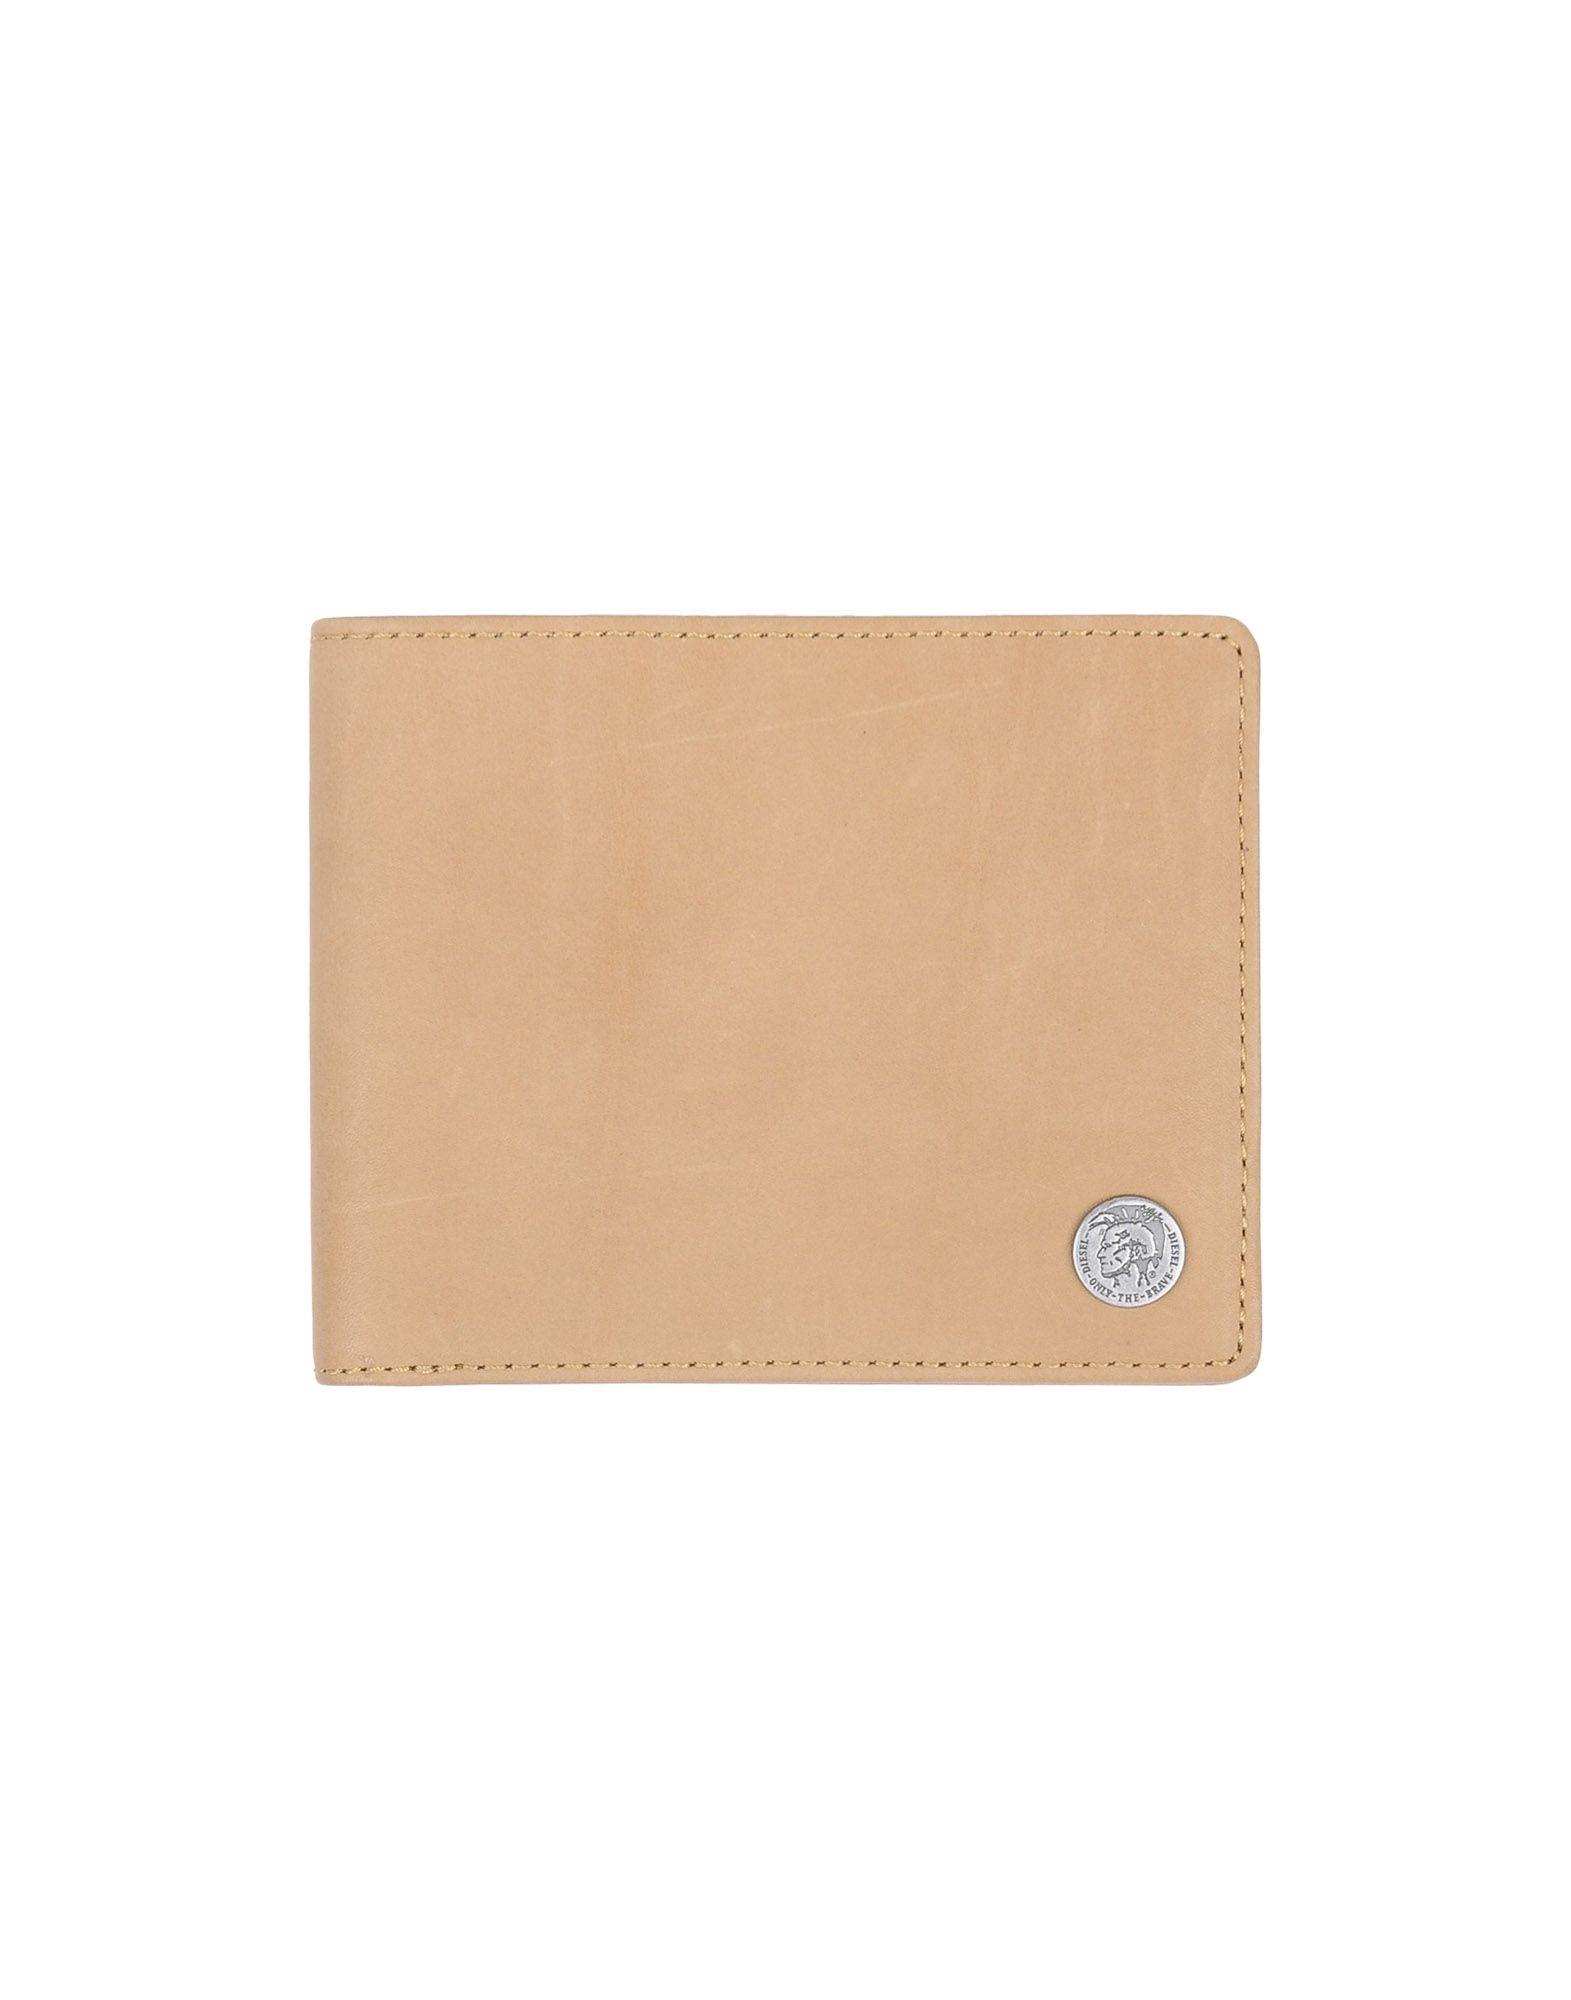 《送料無料》DIESEL メンズ 財布 サンド 羊類革 100%